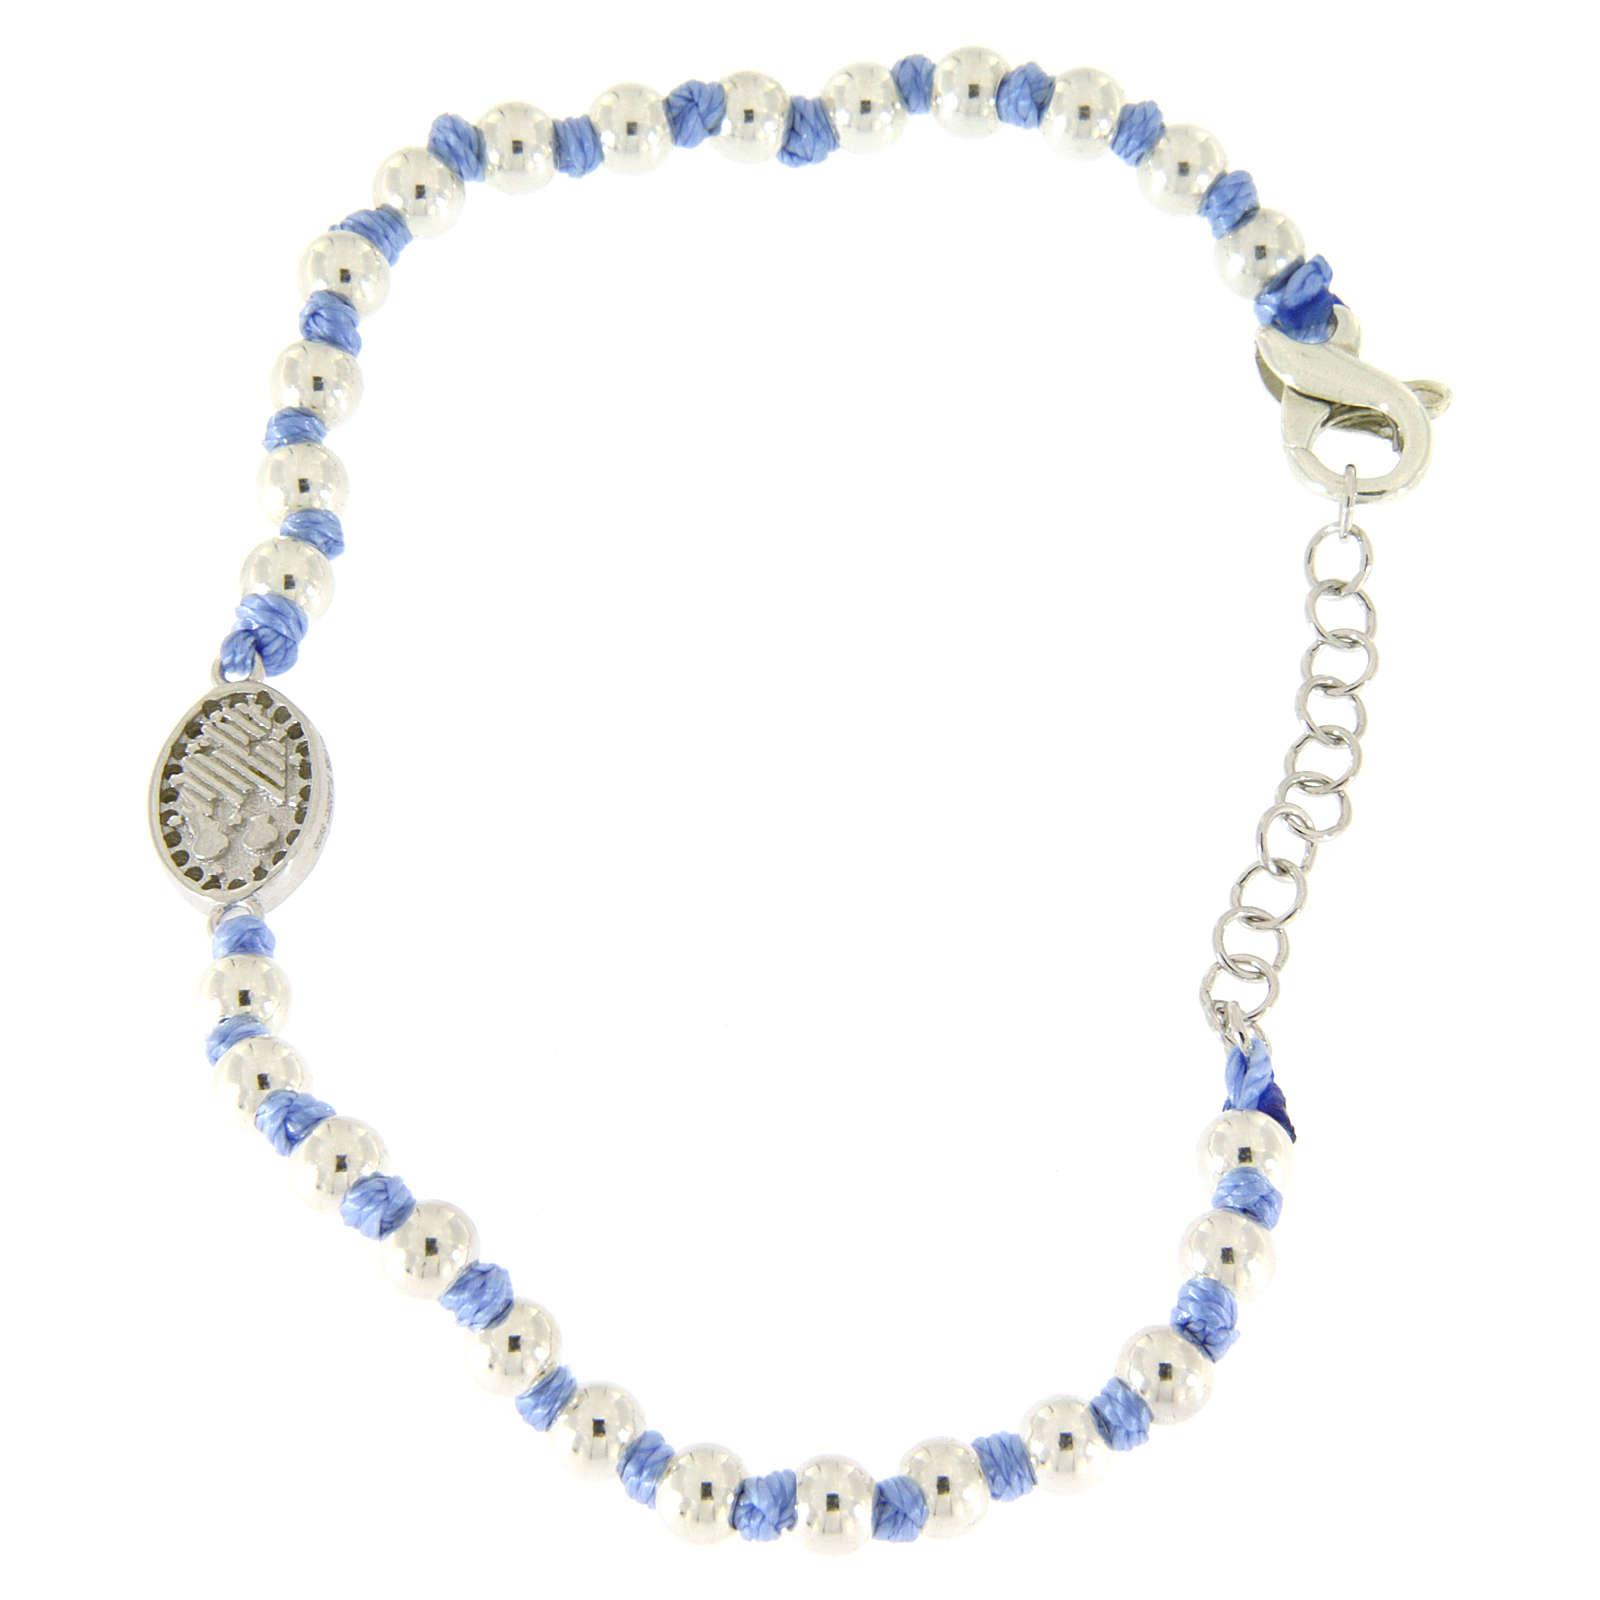 Bransoletka medalik Św. Rita srebro i cyrkonie białe, kulki srebro 3 mm i supełki bawełna błękit 4